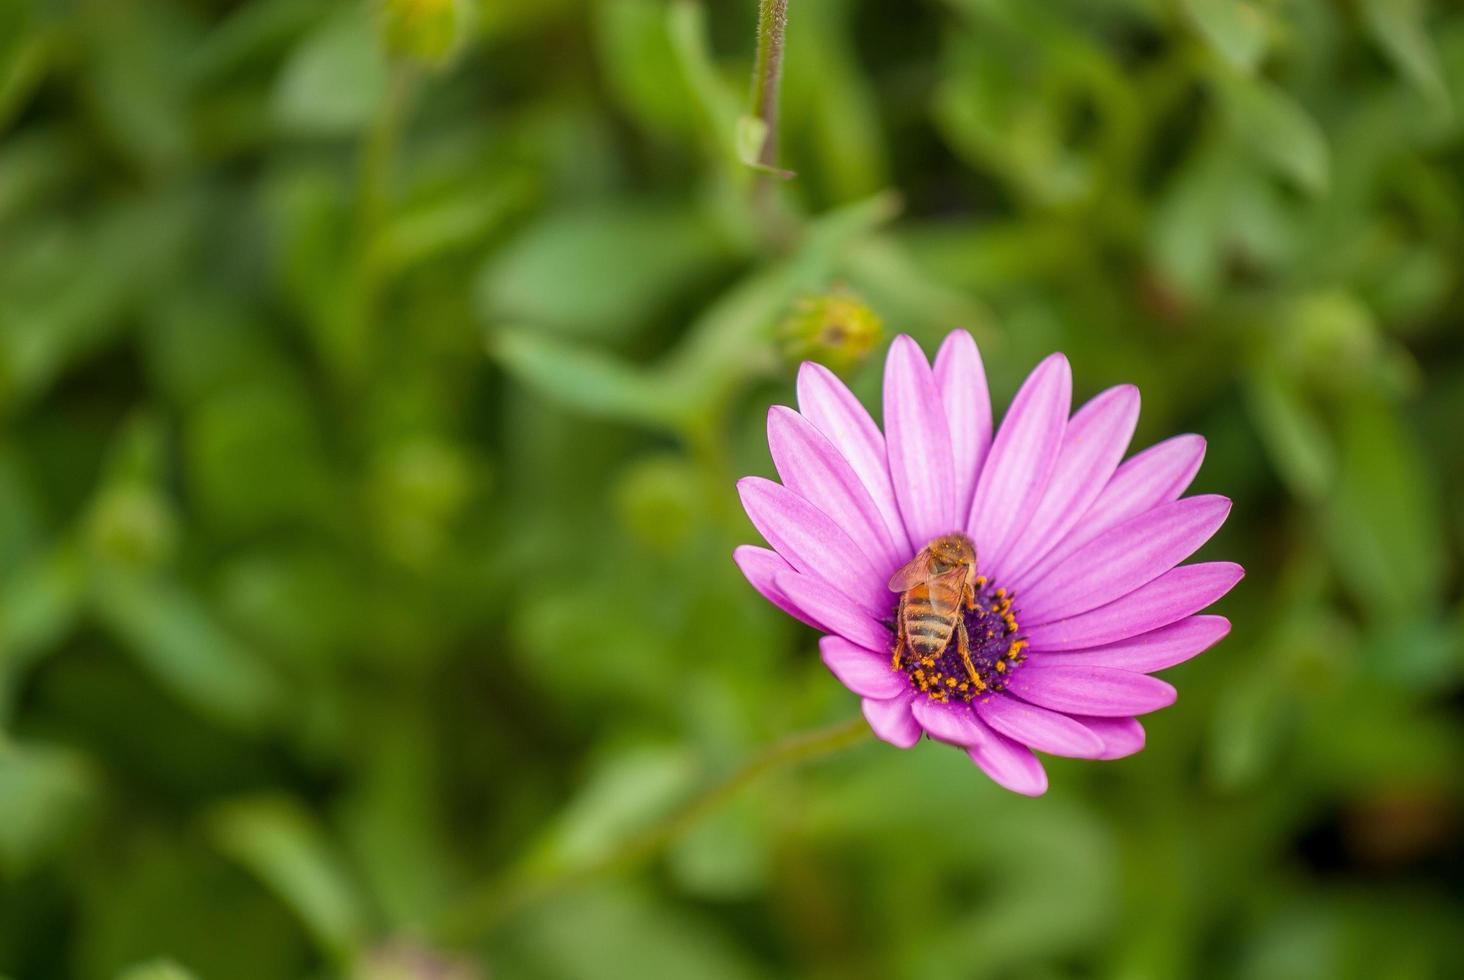 abeille sur une fleur rose photo